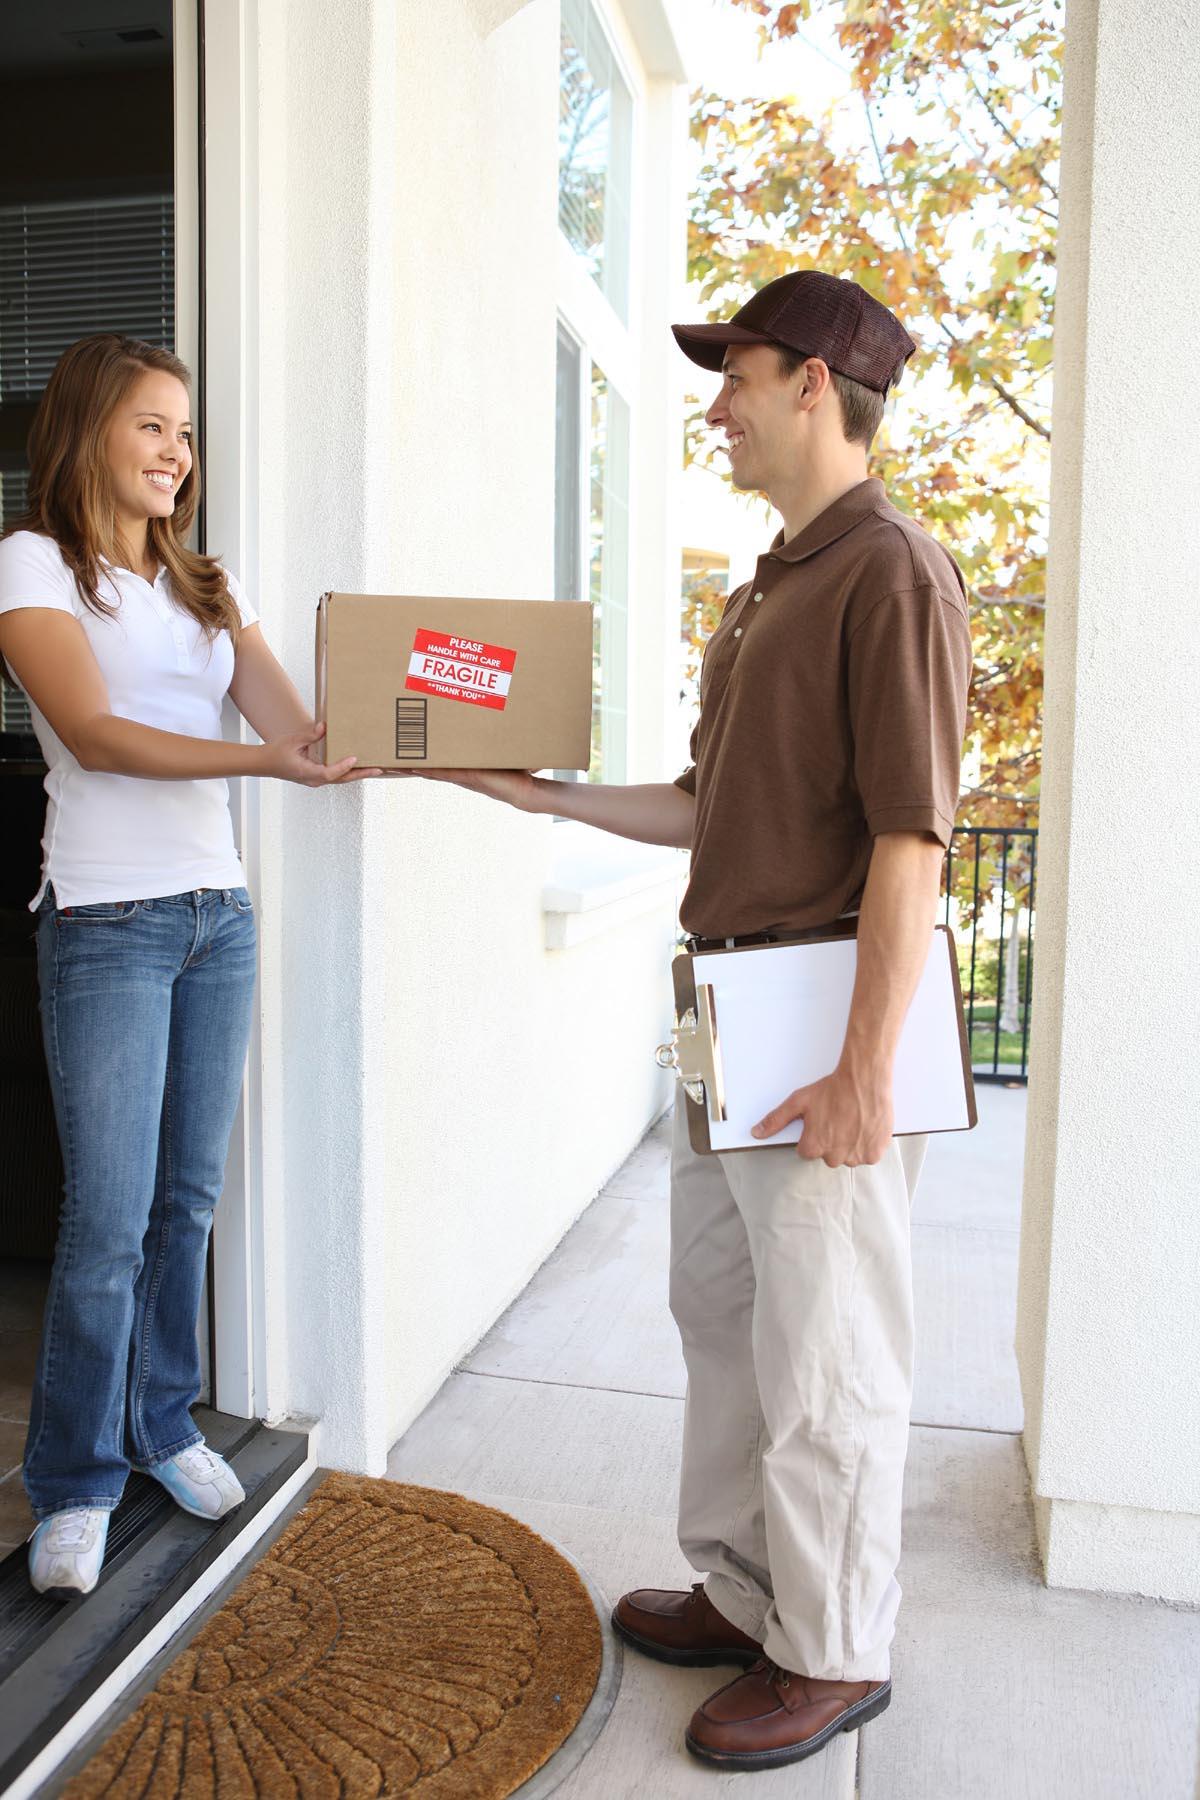 Kurier wręczający przesyłkę